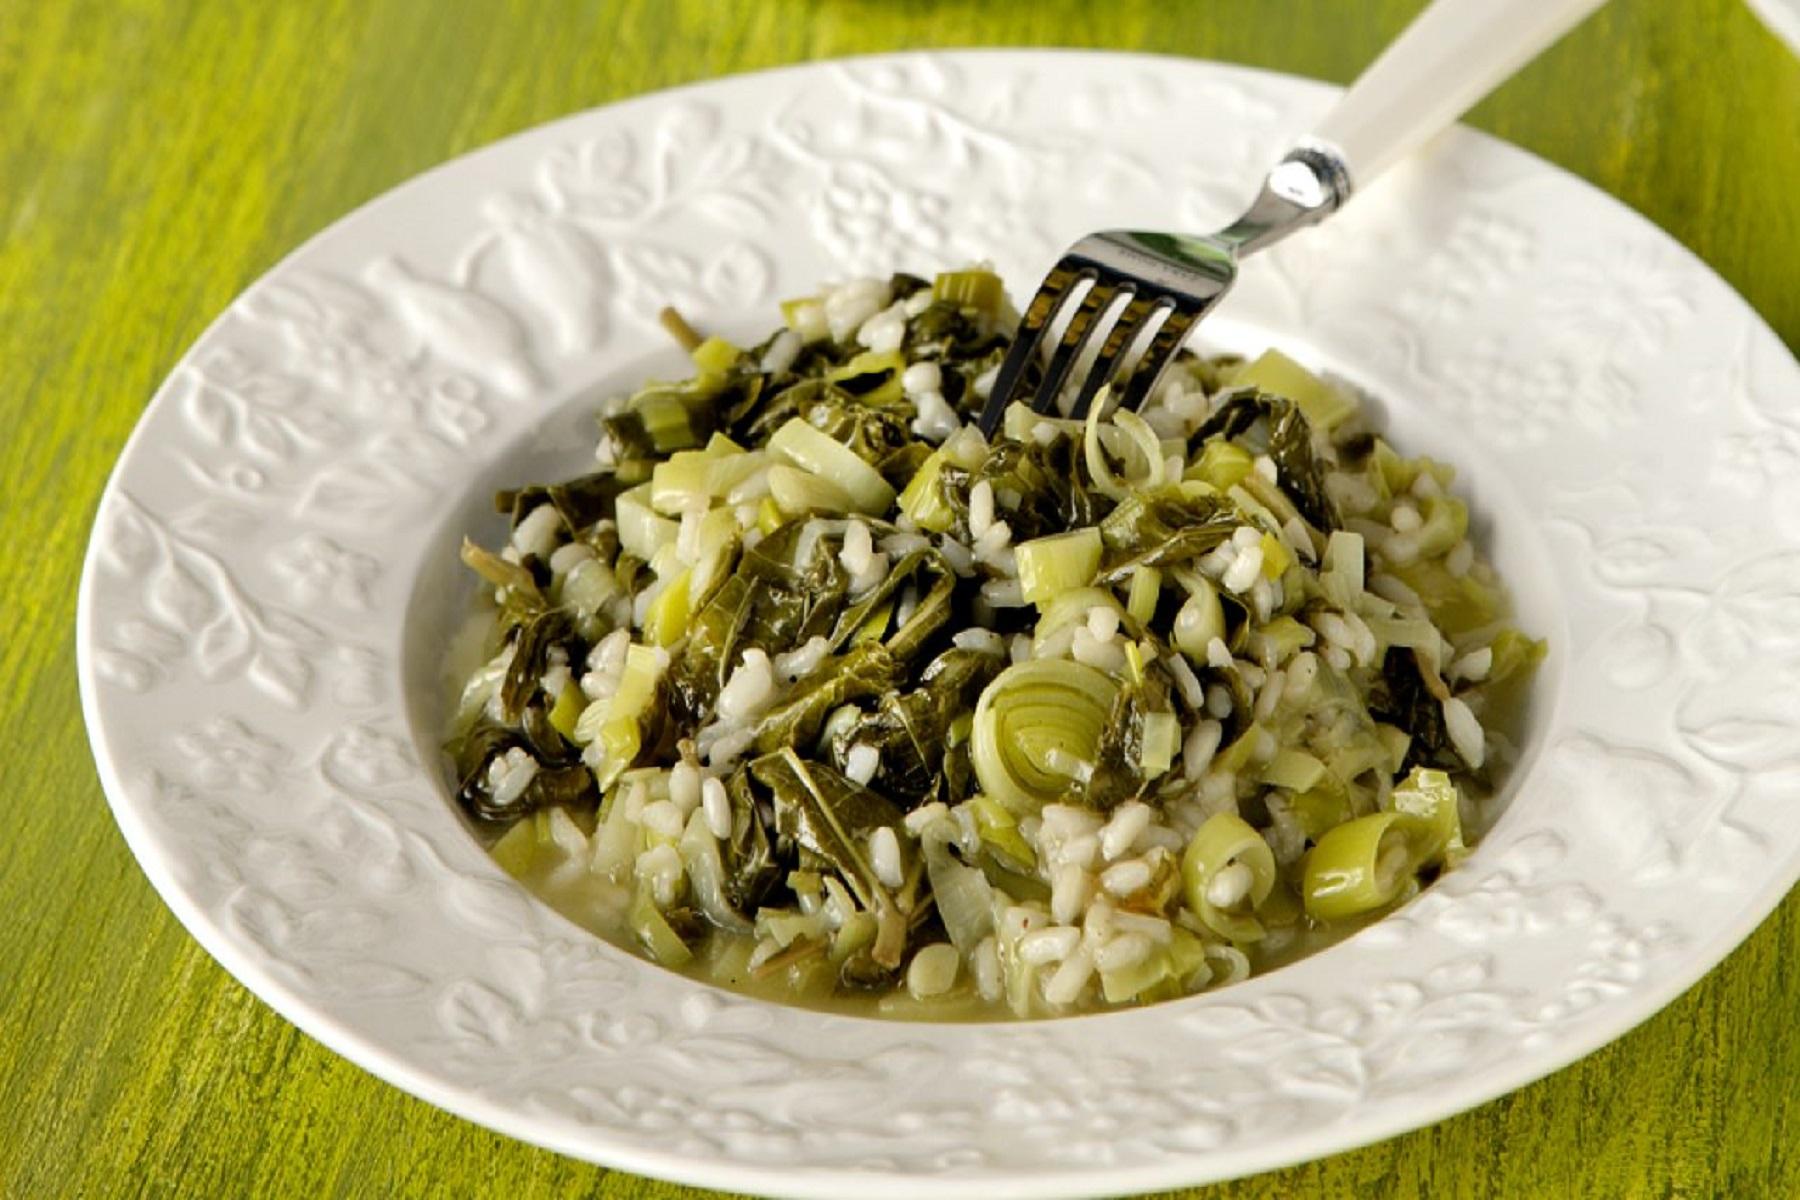 Συνταγή Μαγειρική: Ριζότο με αμπελόφυλλα